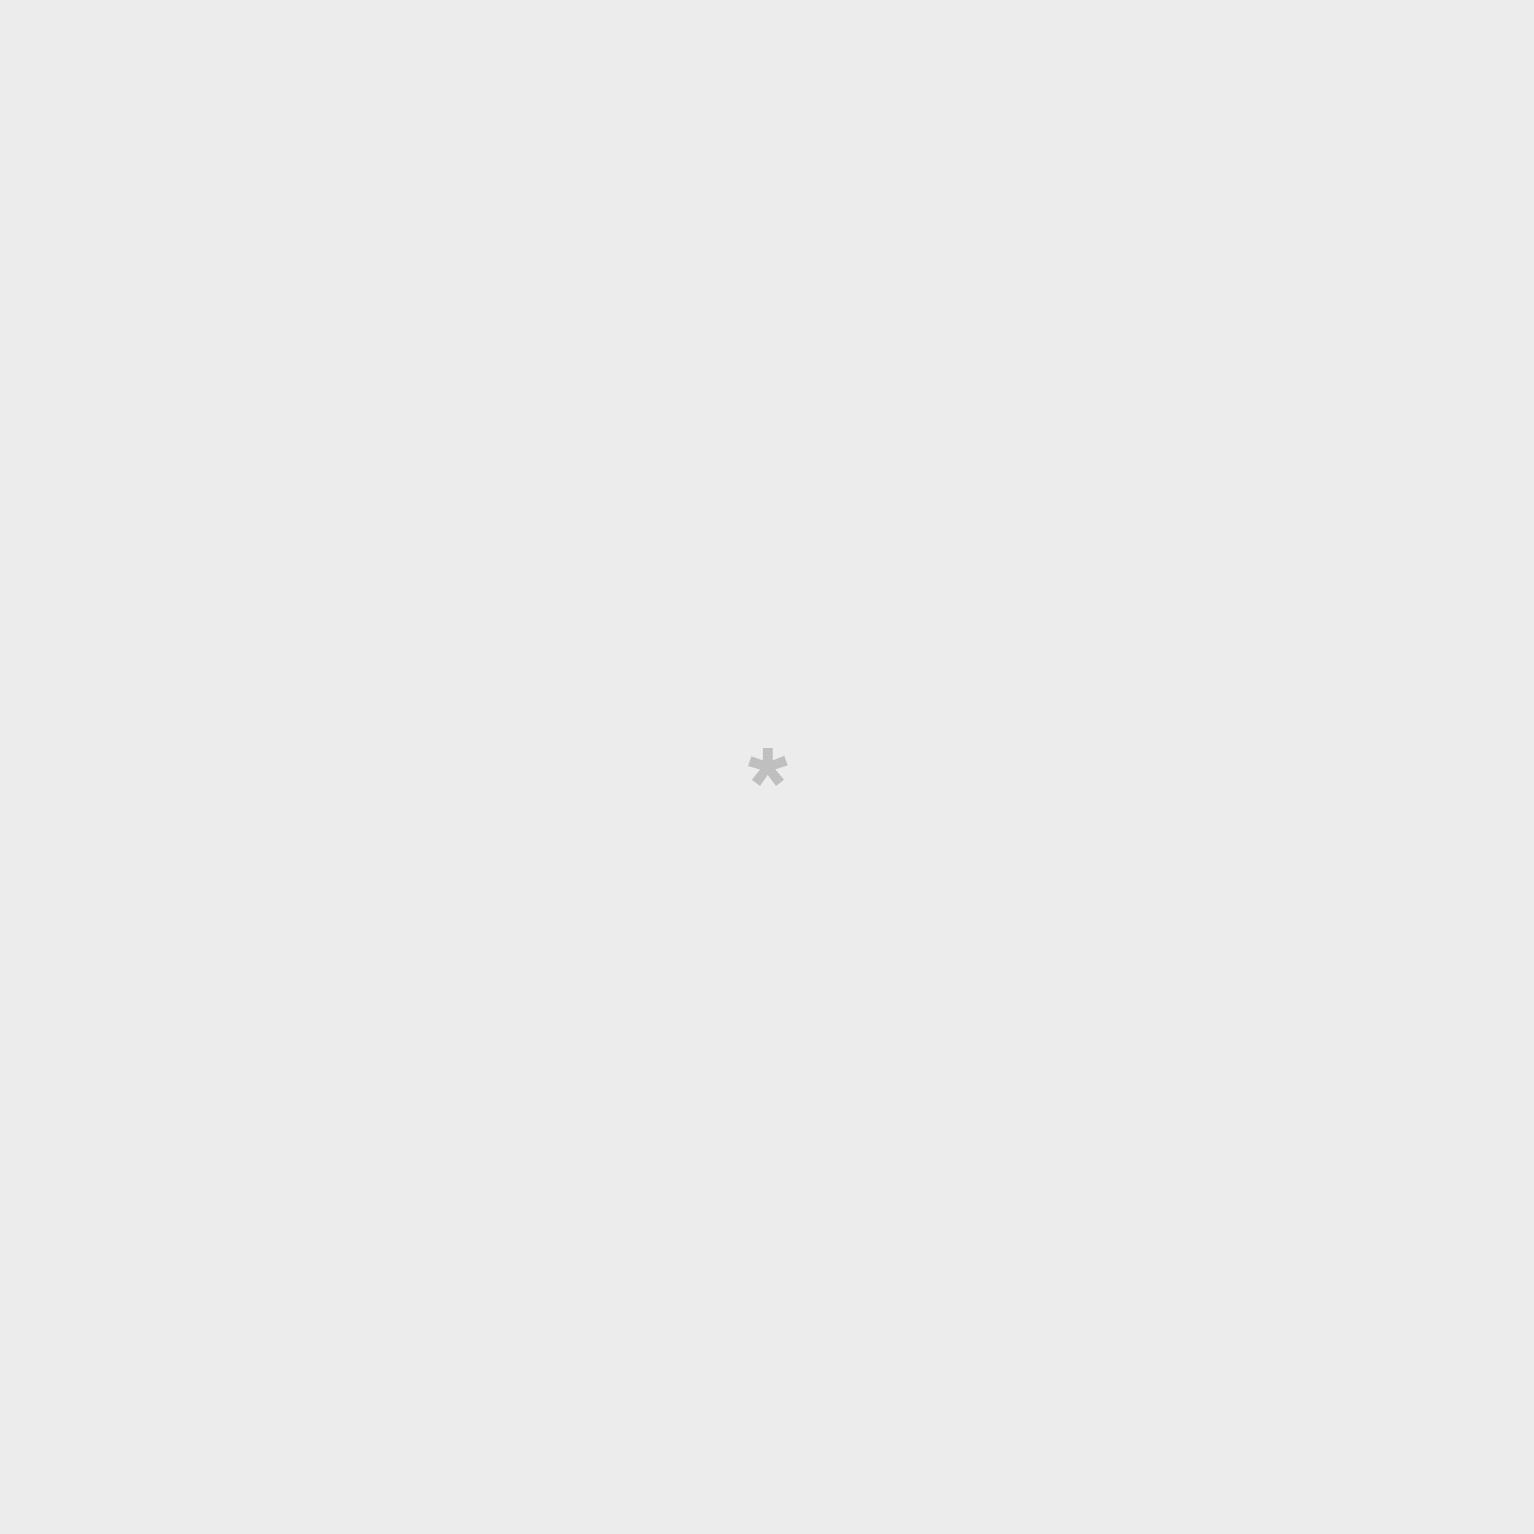 Agenda peq-clás_18-19 Sem - Tudo é possível com vontade e café